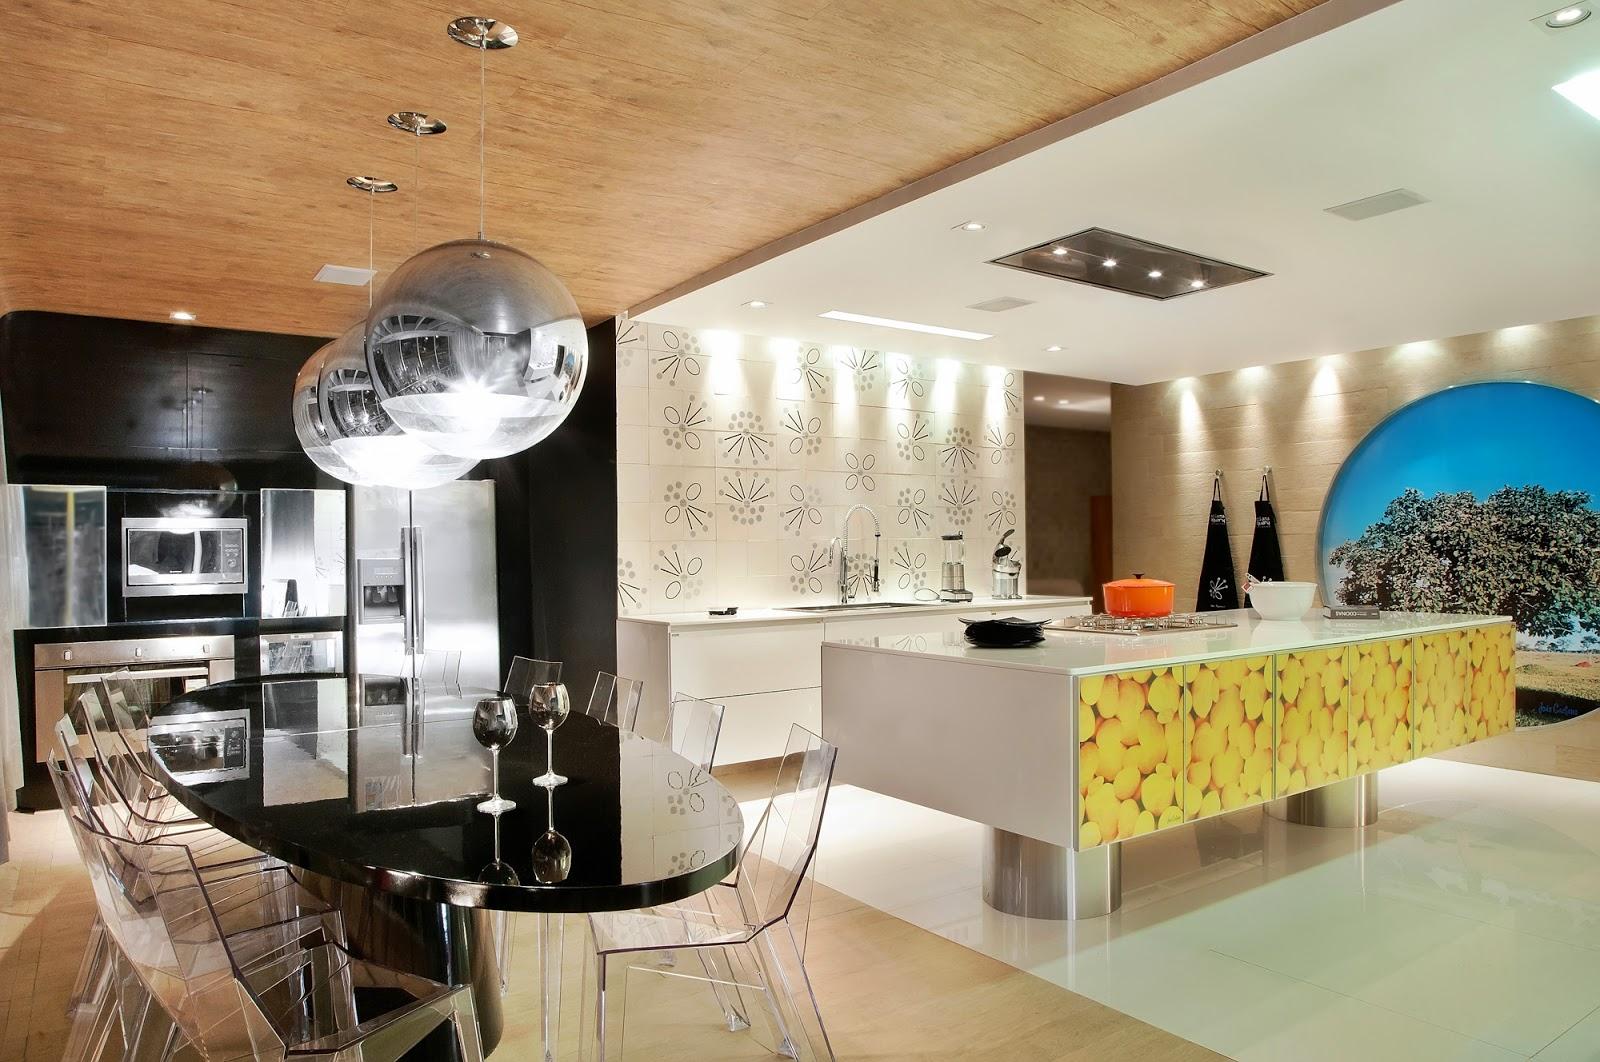 20 Cozinhas Modernas e Sofisticadas – Inspire se! Decor Salteado  #9F8E2C 1600 1062